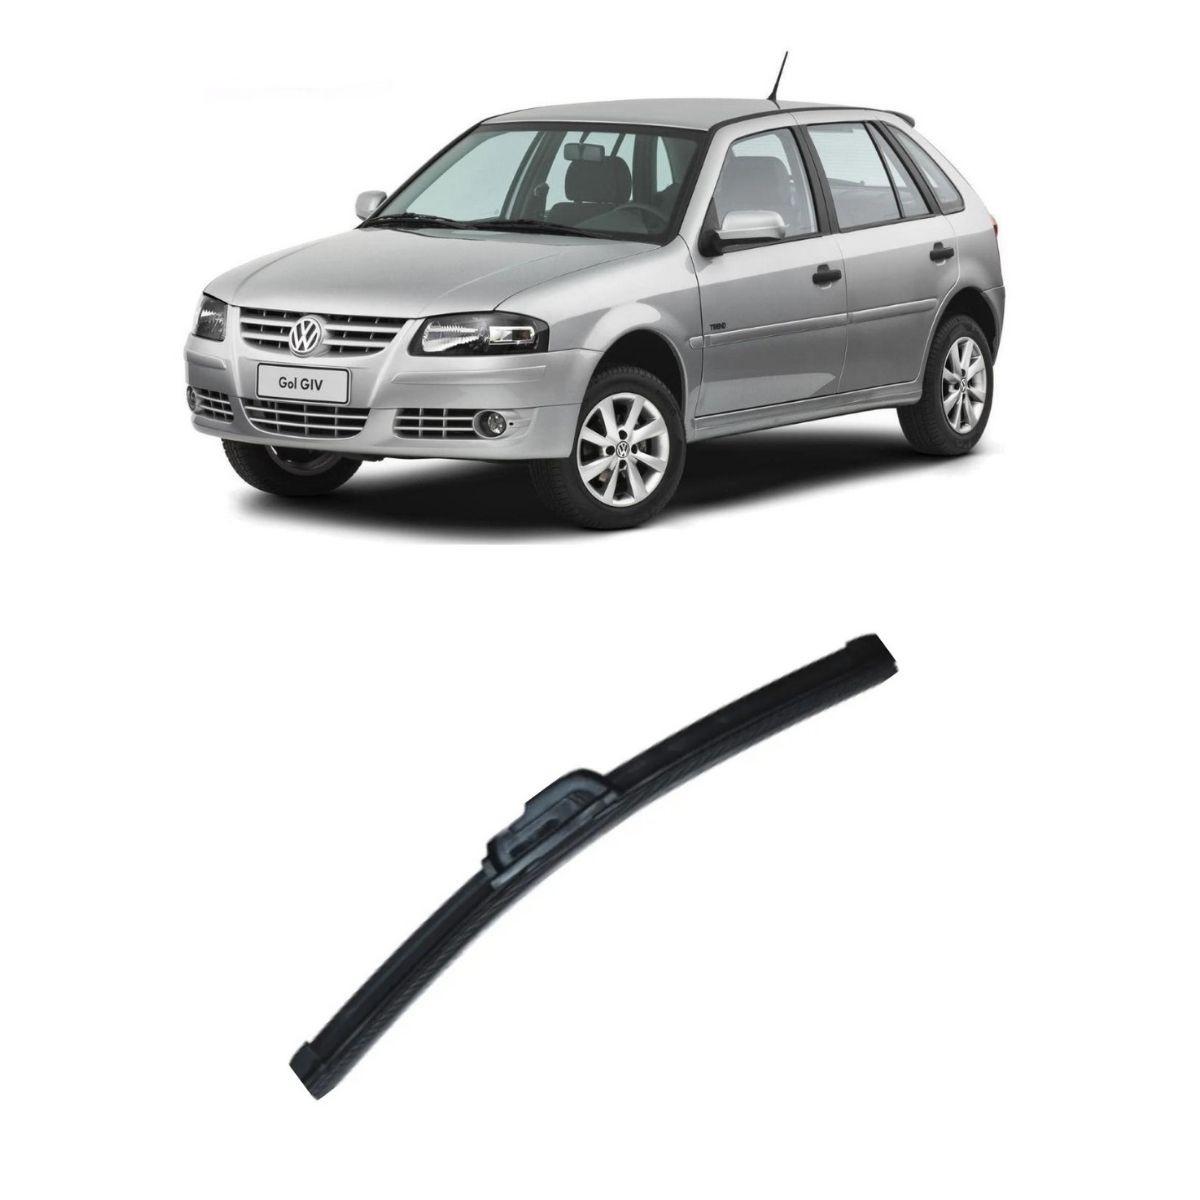 Palheta Dianteira Slim Clean 19'' Refil Volkswagen Gol G4